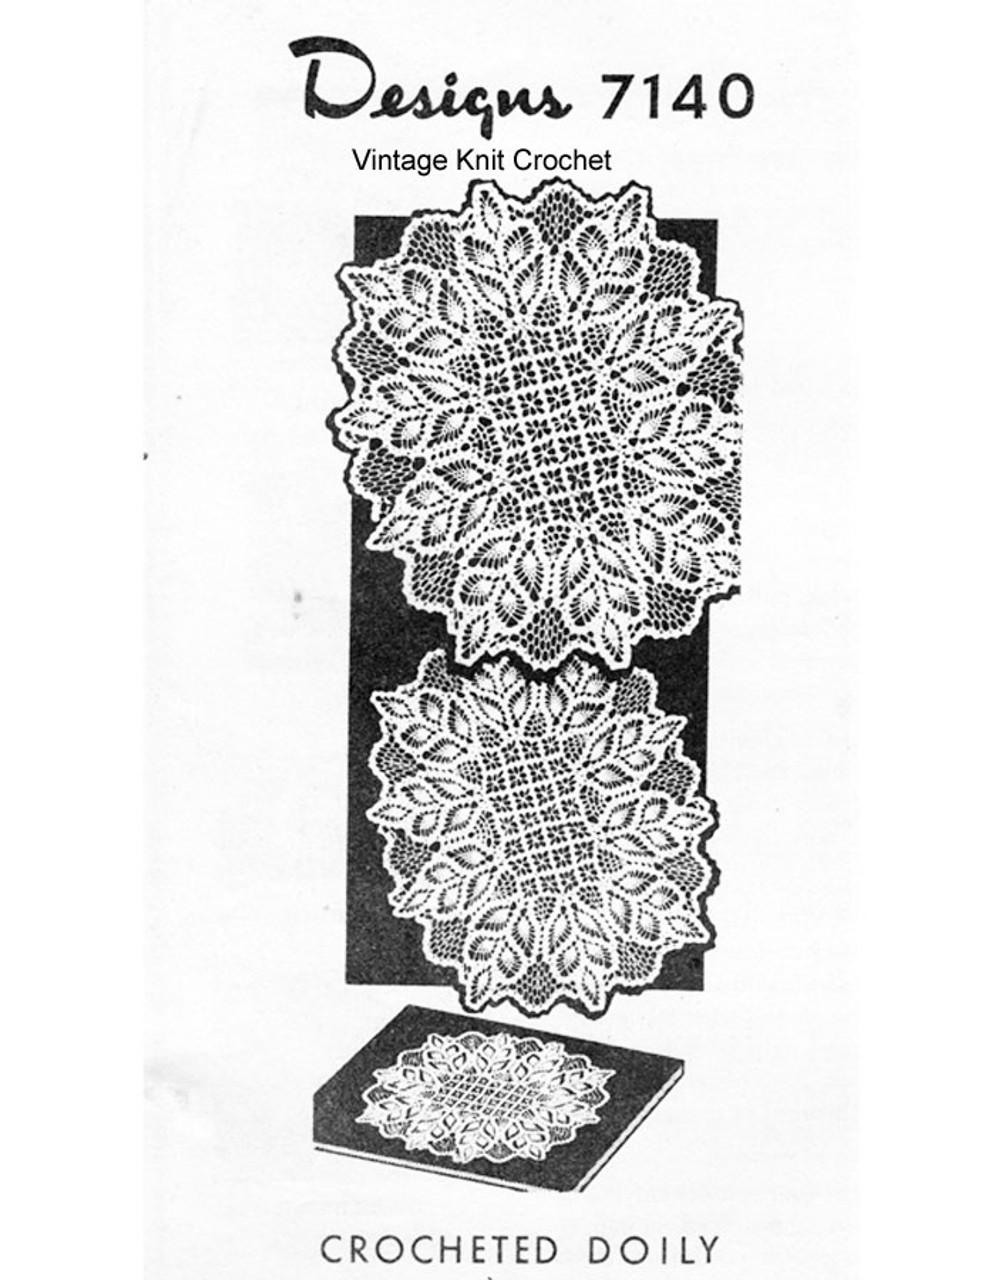 Oblong Pineapple Doily Crochet Pattern Design 7140